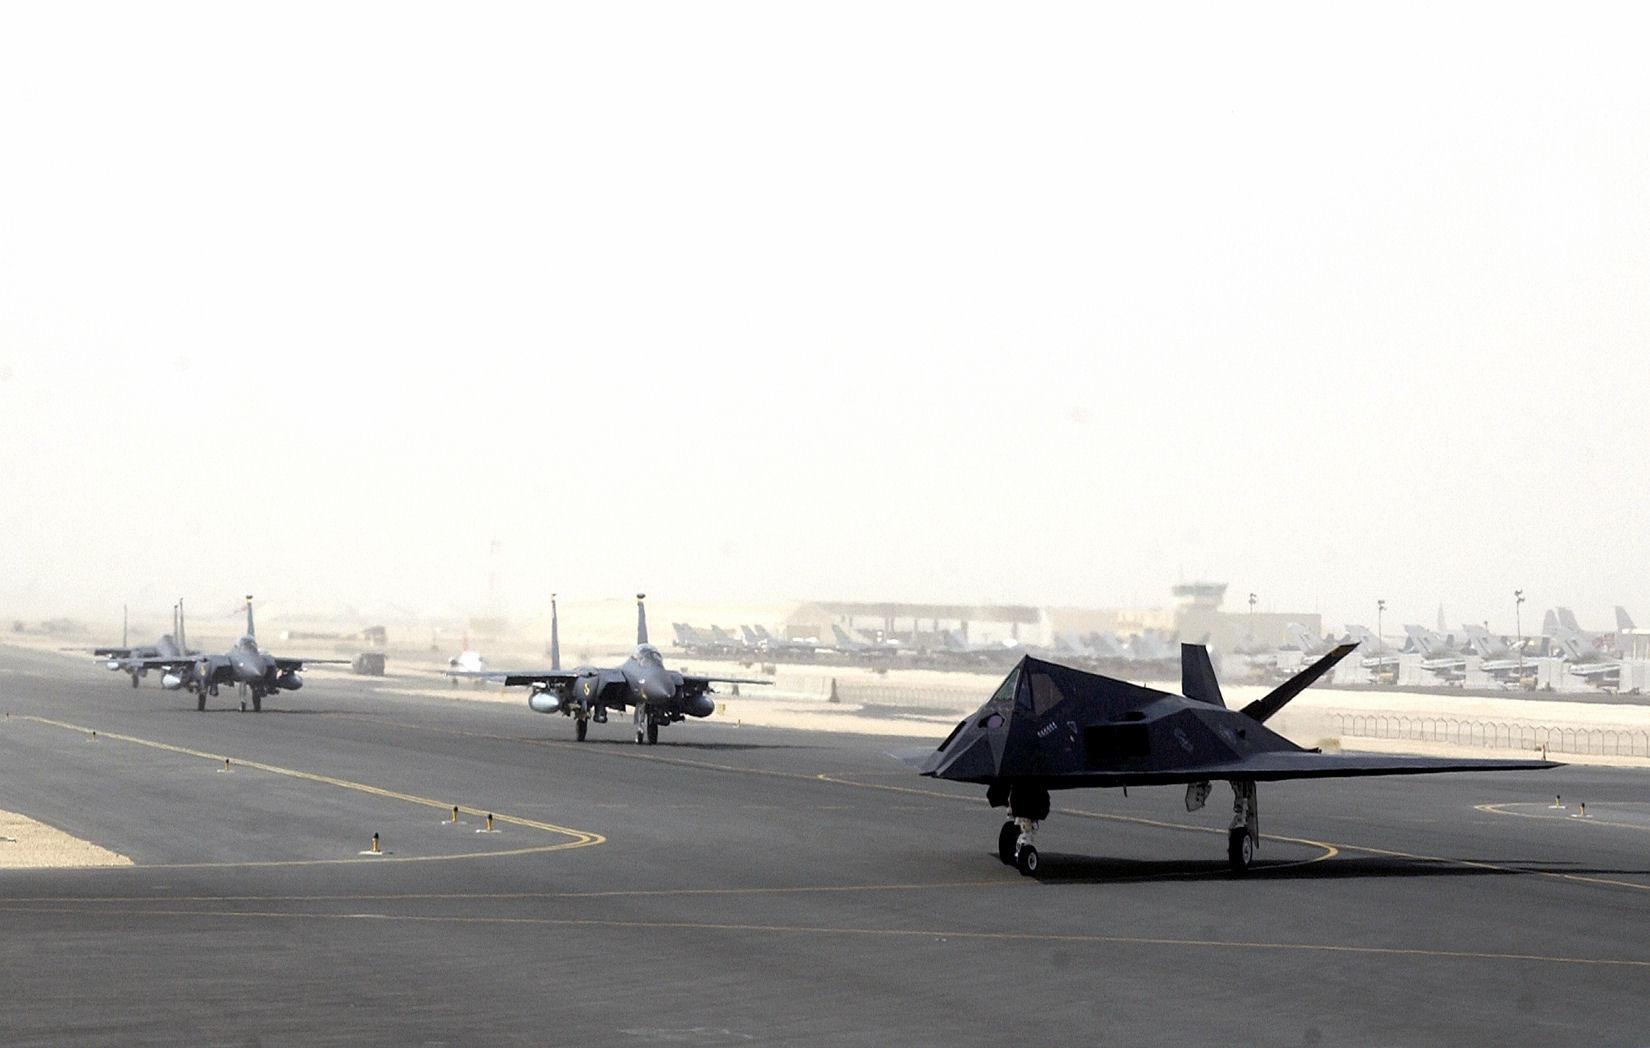 Al udeid airbase